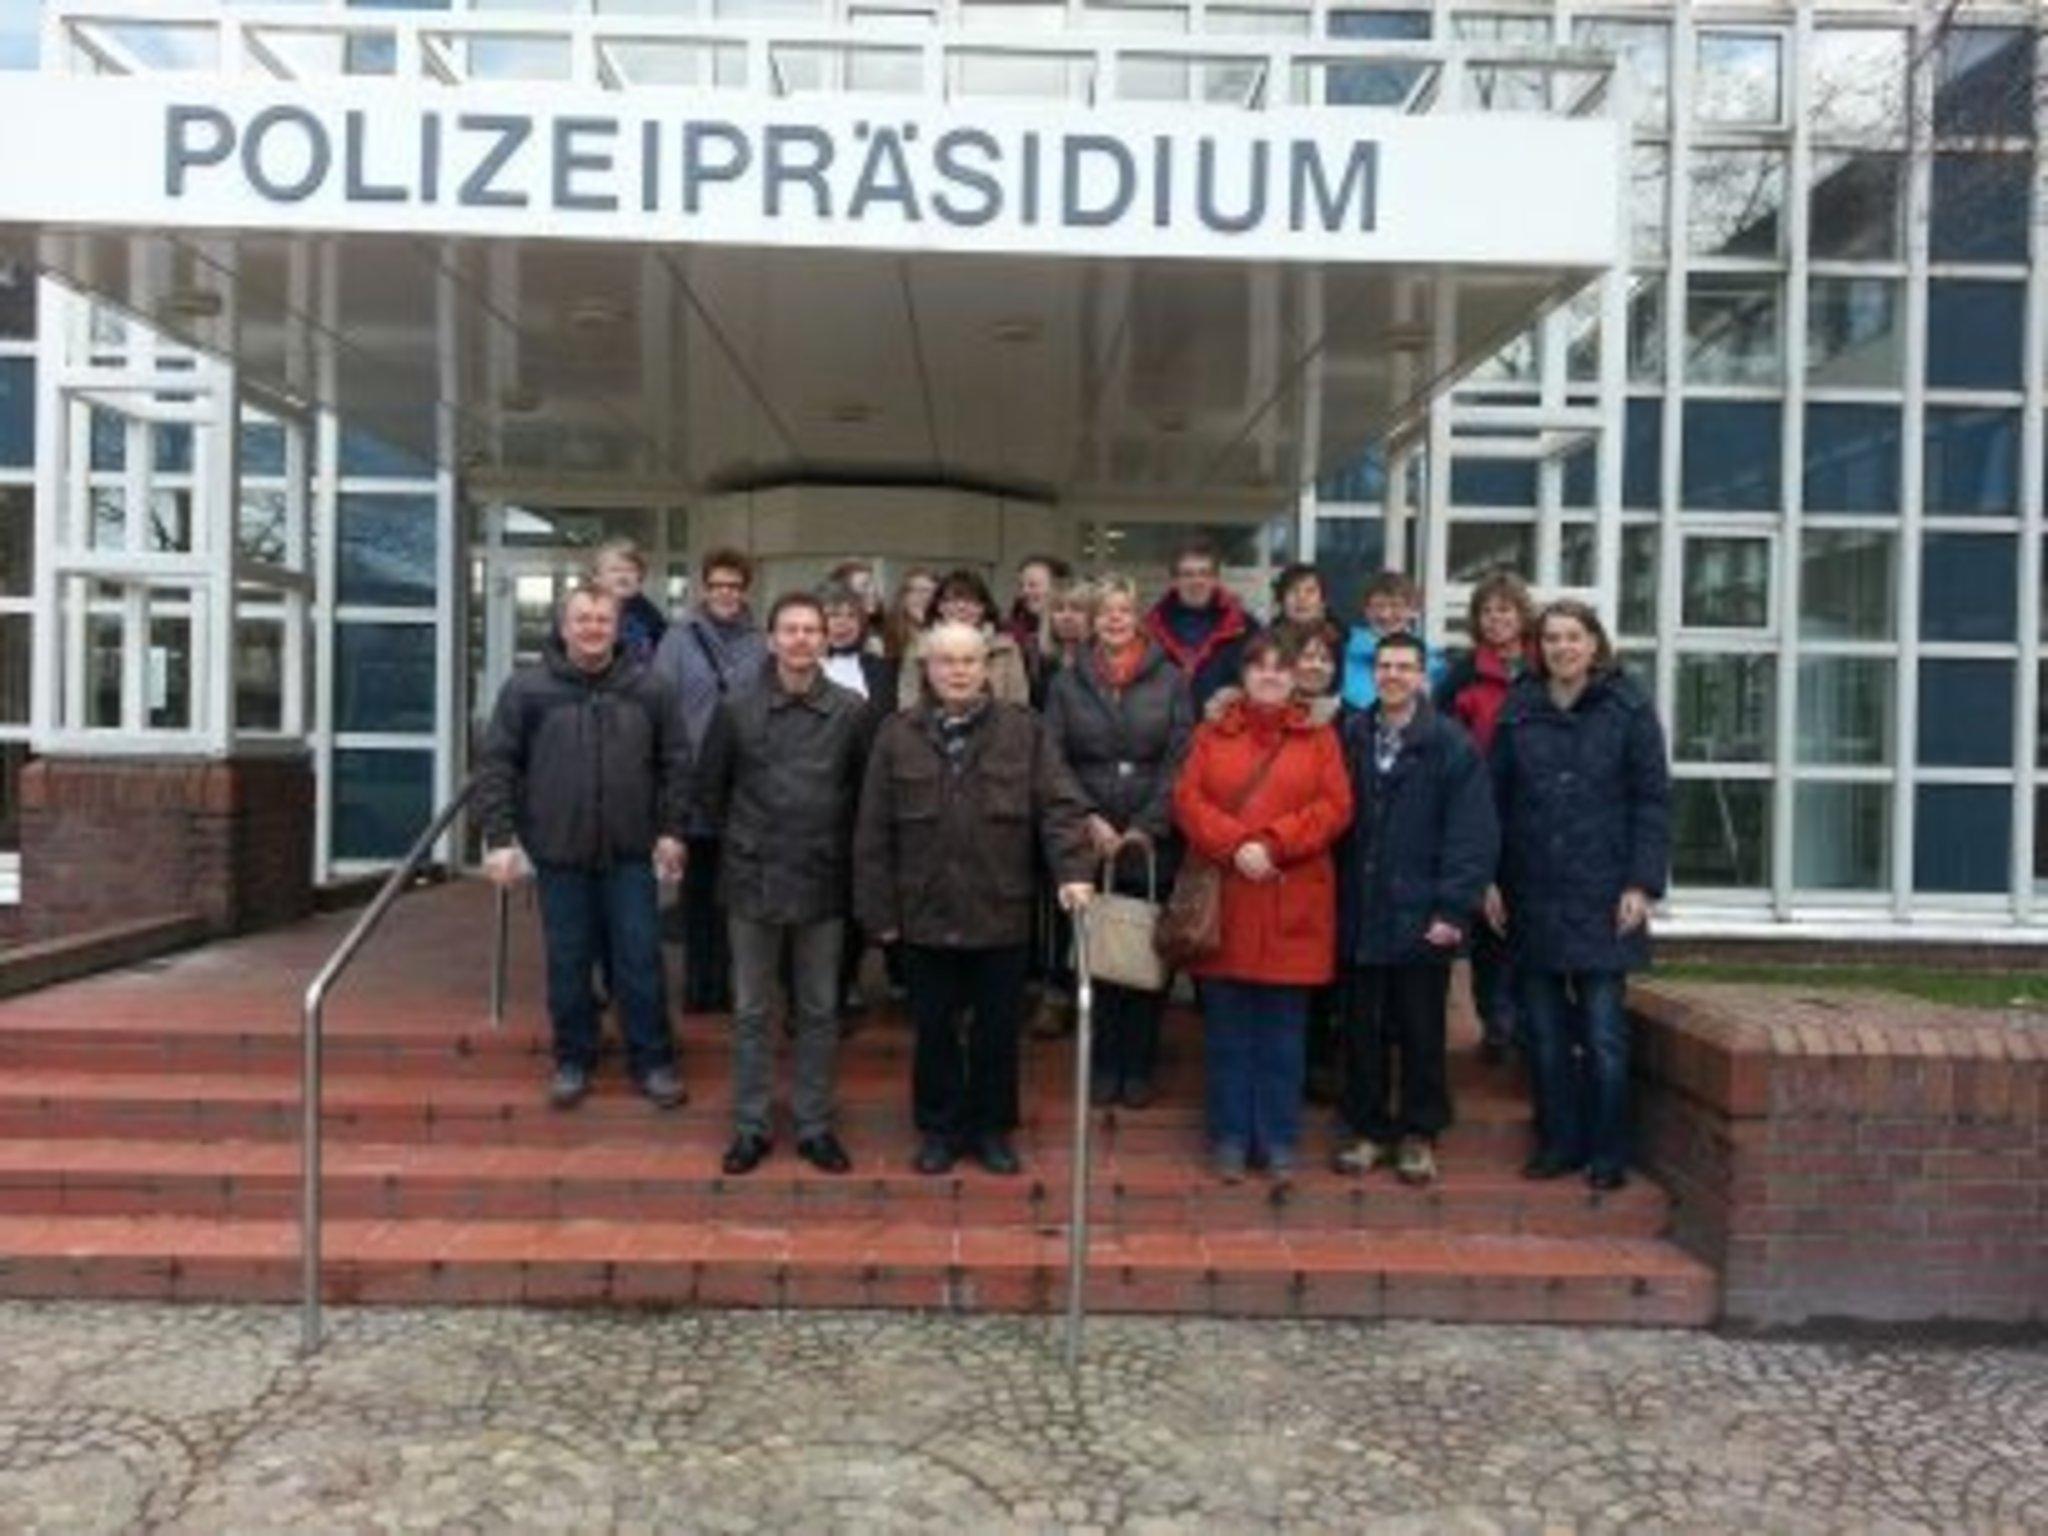 Polizeimuseum Dortmund